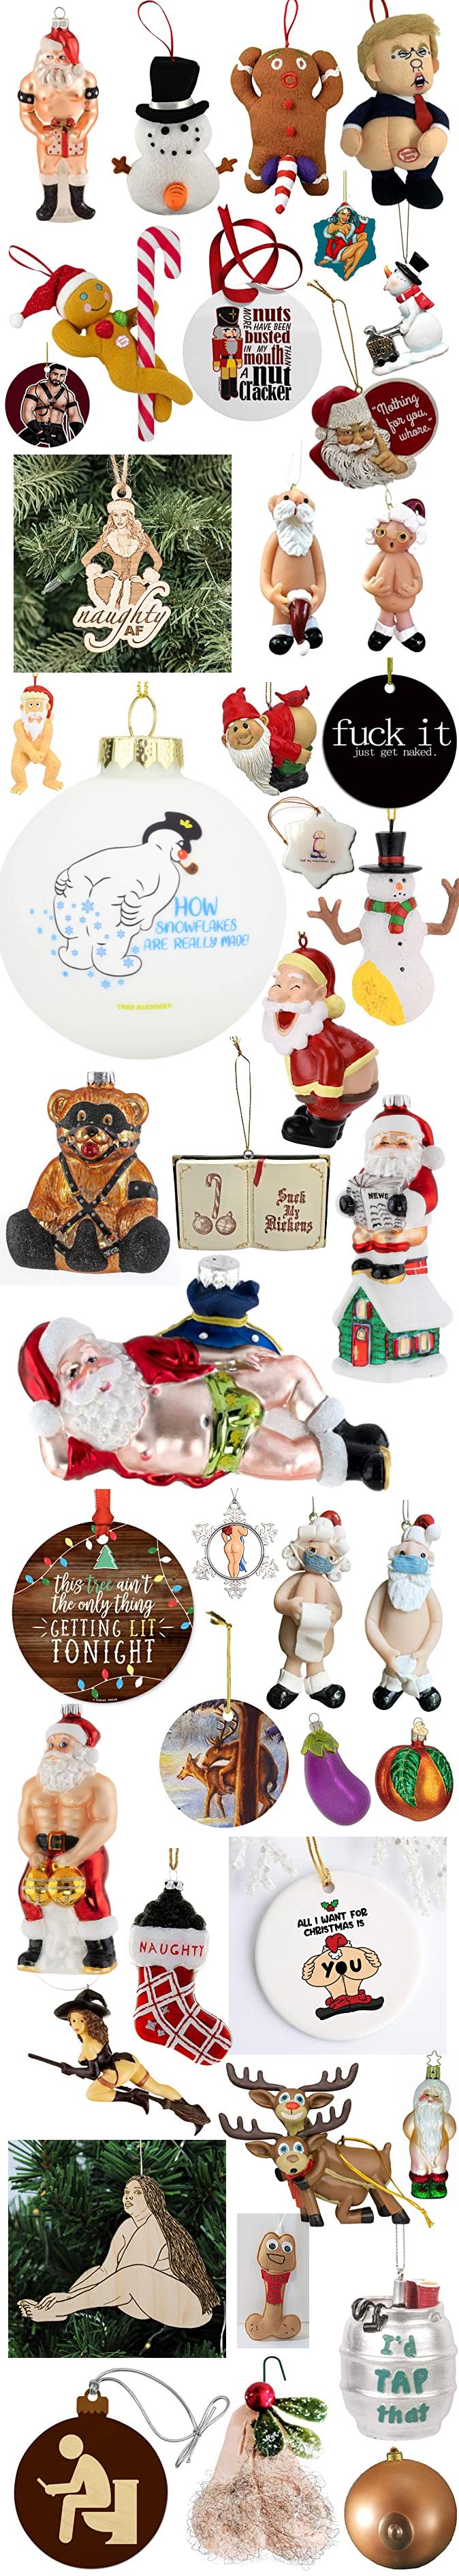 Naughty-Christmas-Ornaments